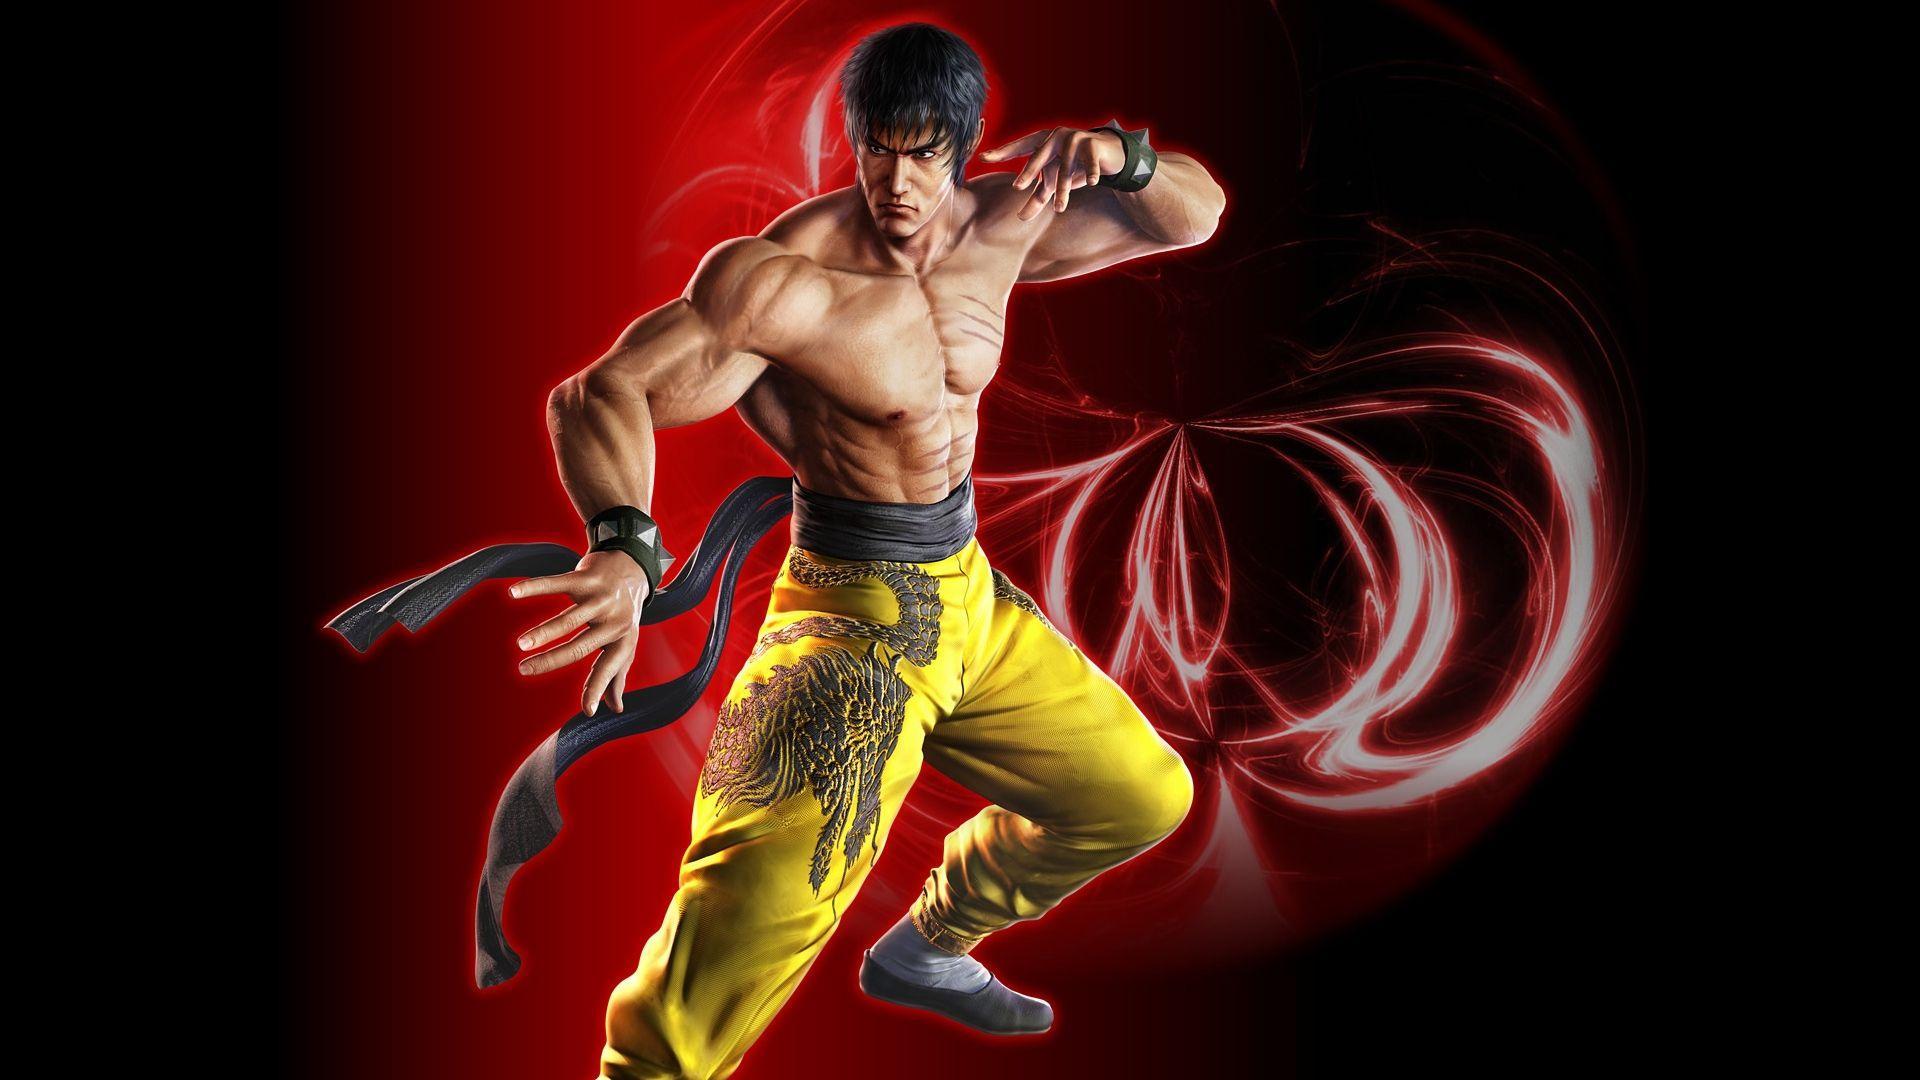 Tekken 7 Character Wallpapers Hd Wallpaper Cave